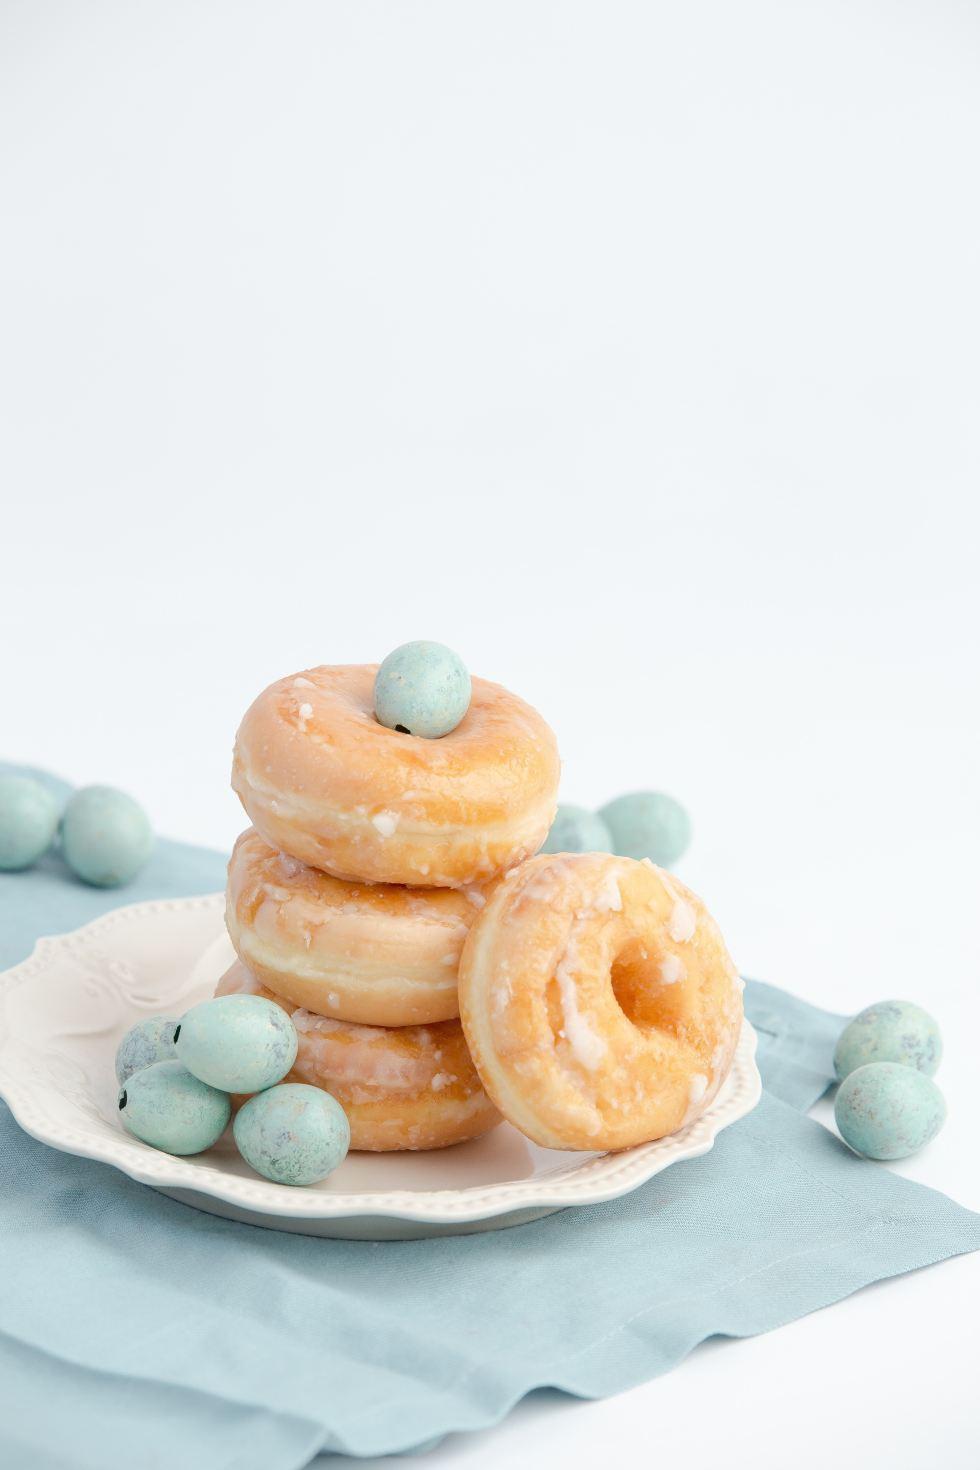 honey glazed donut